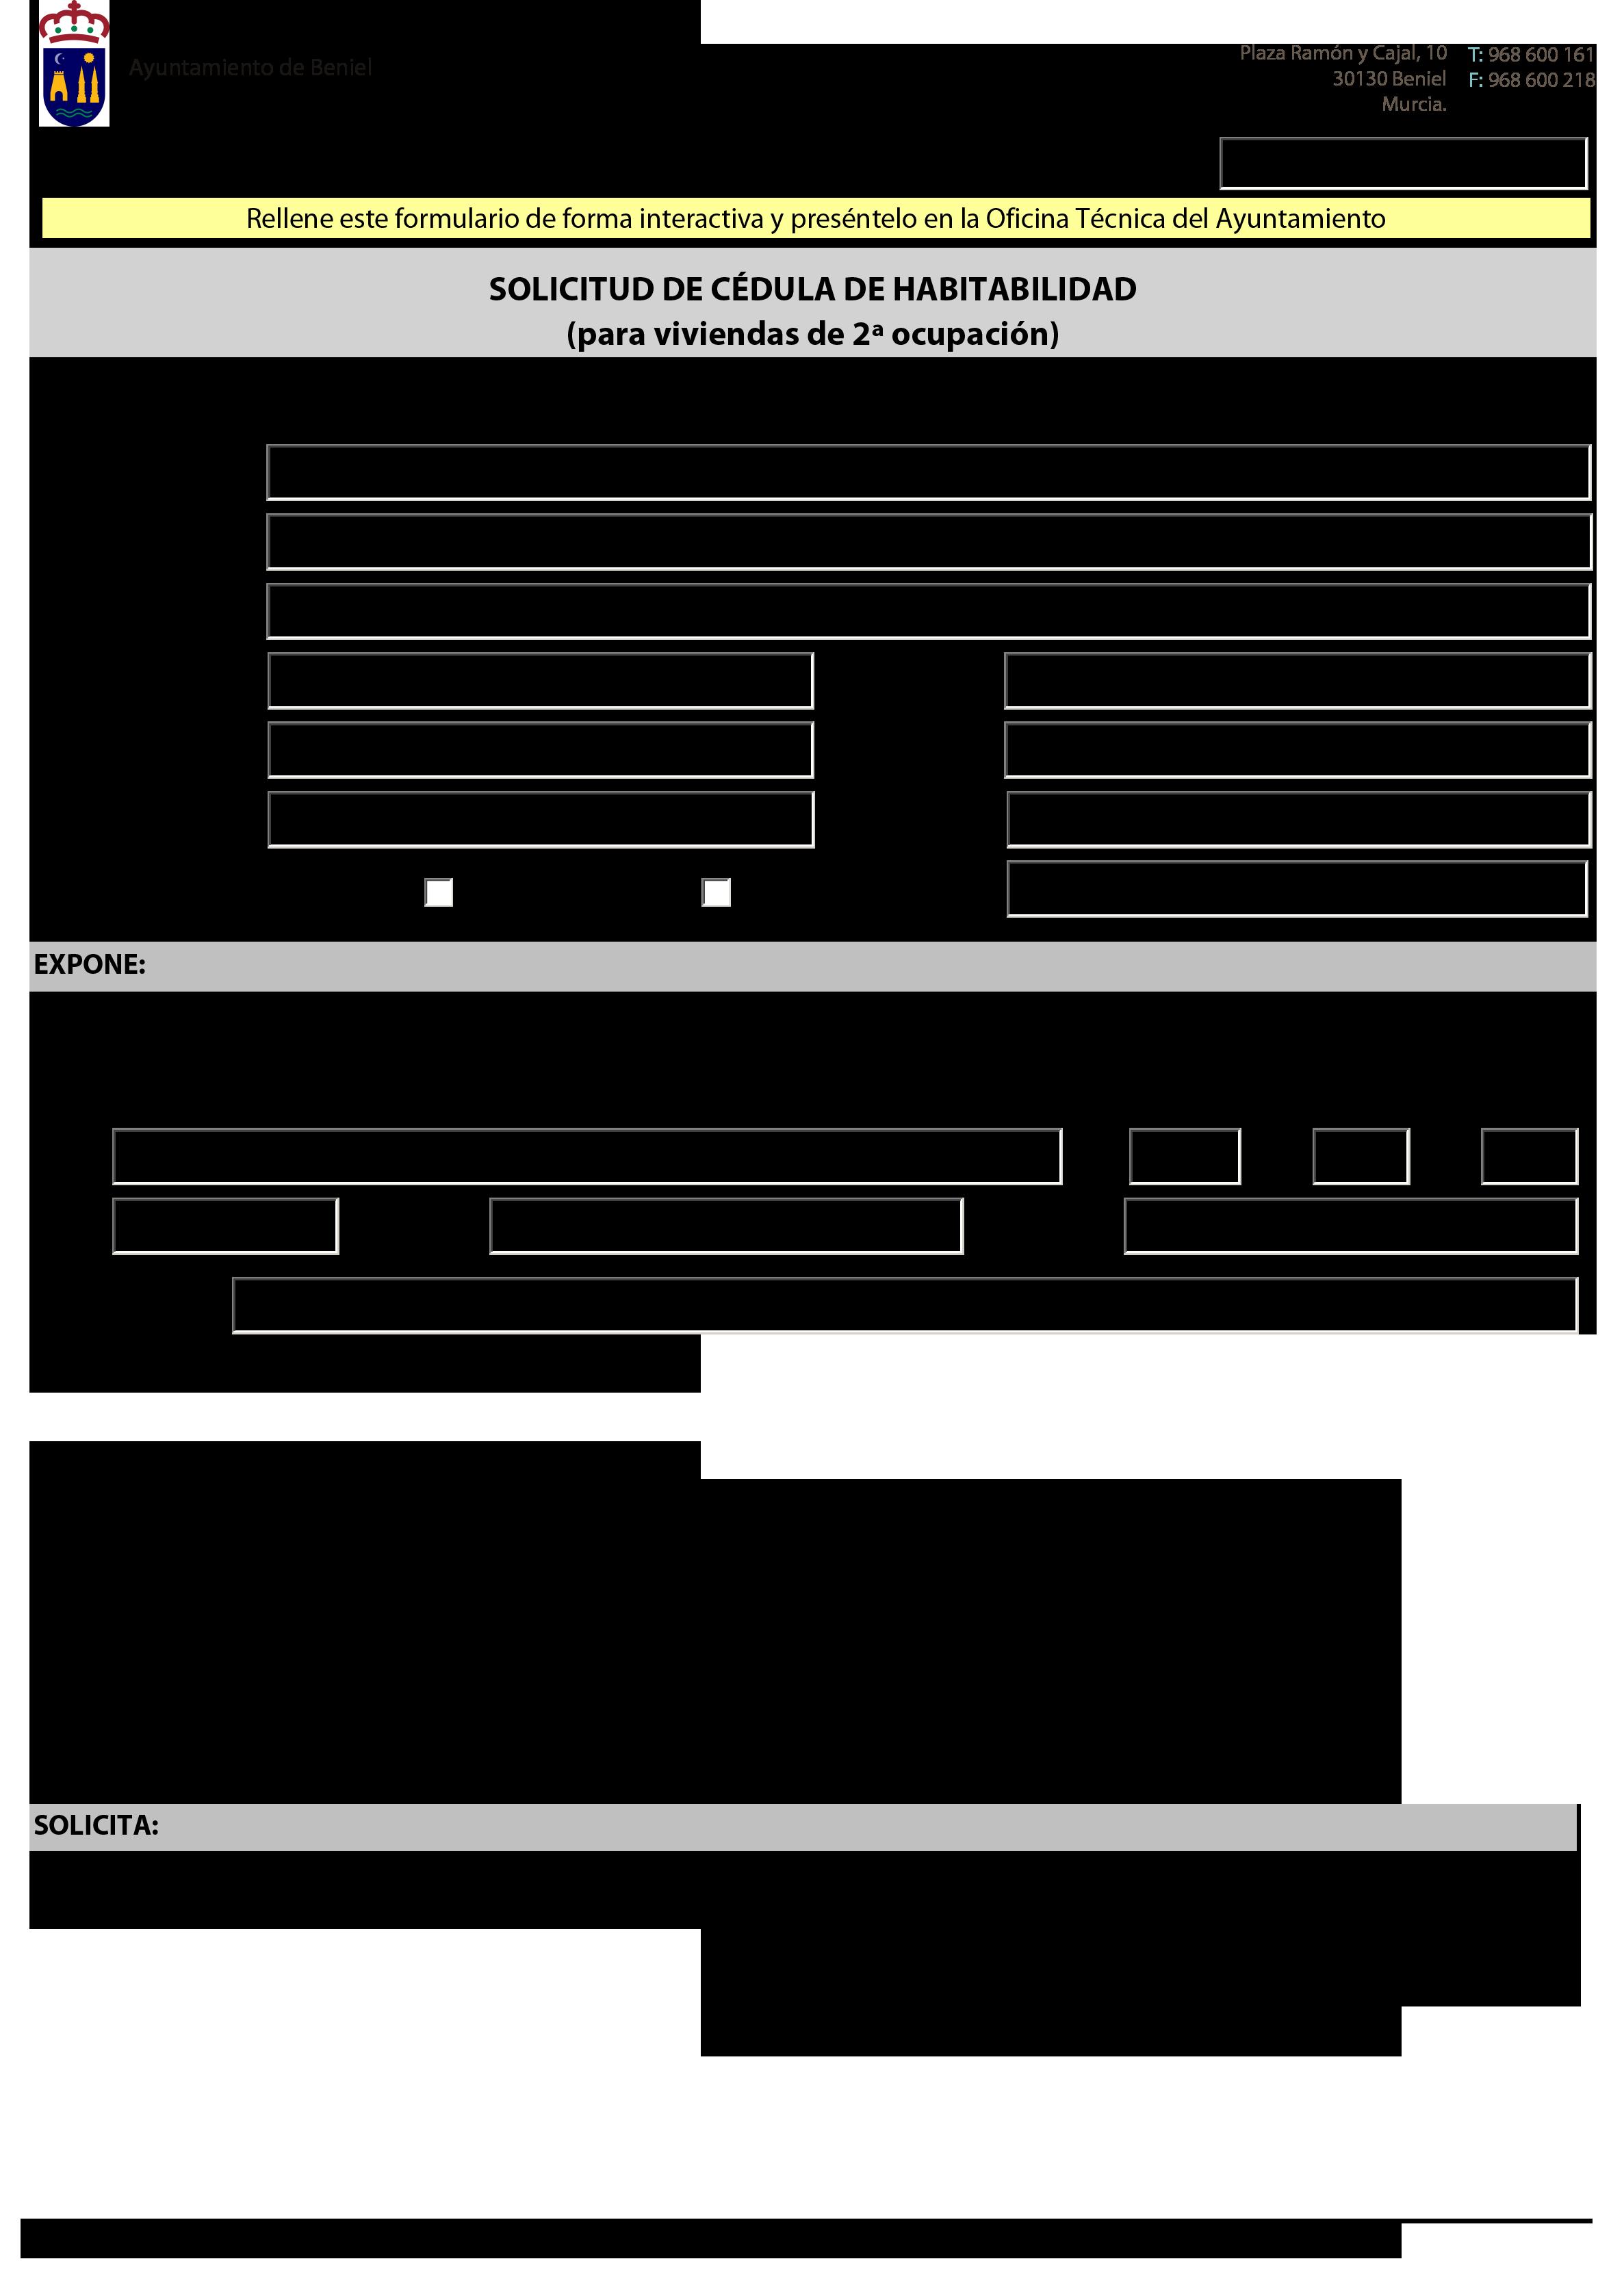 Impreso Declaración Responsable Segunda Ocupacion Beniel